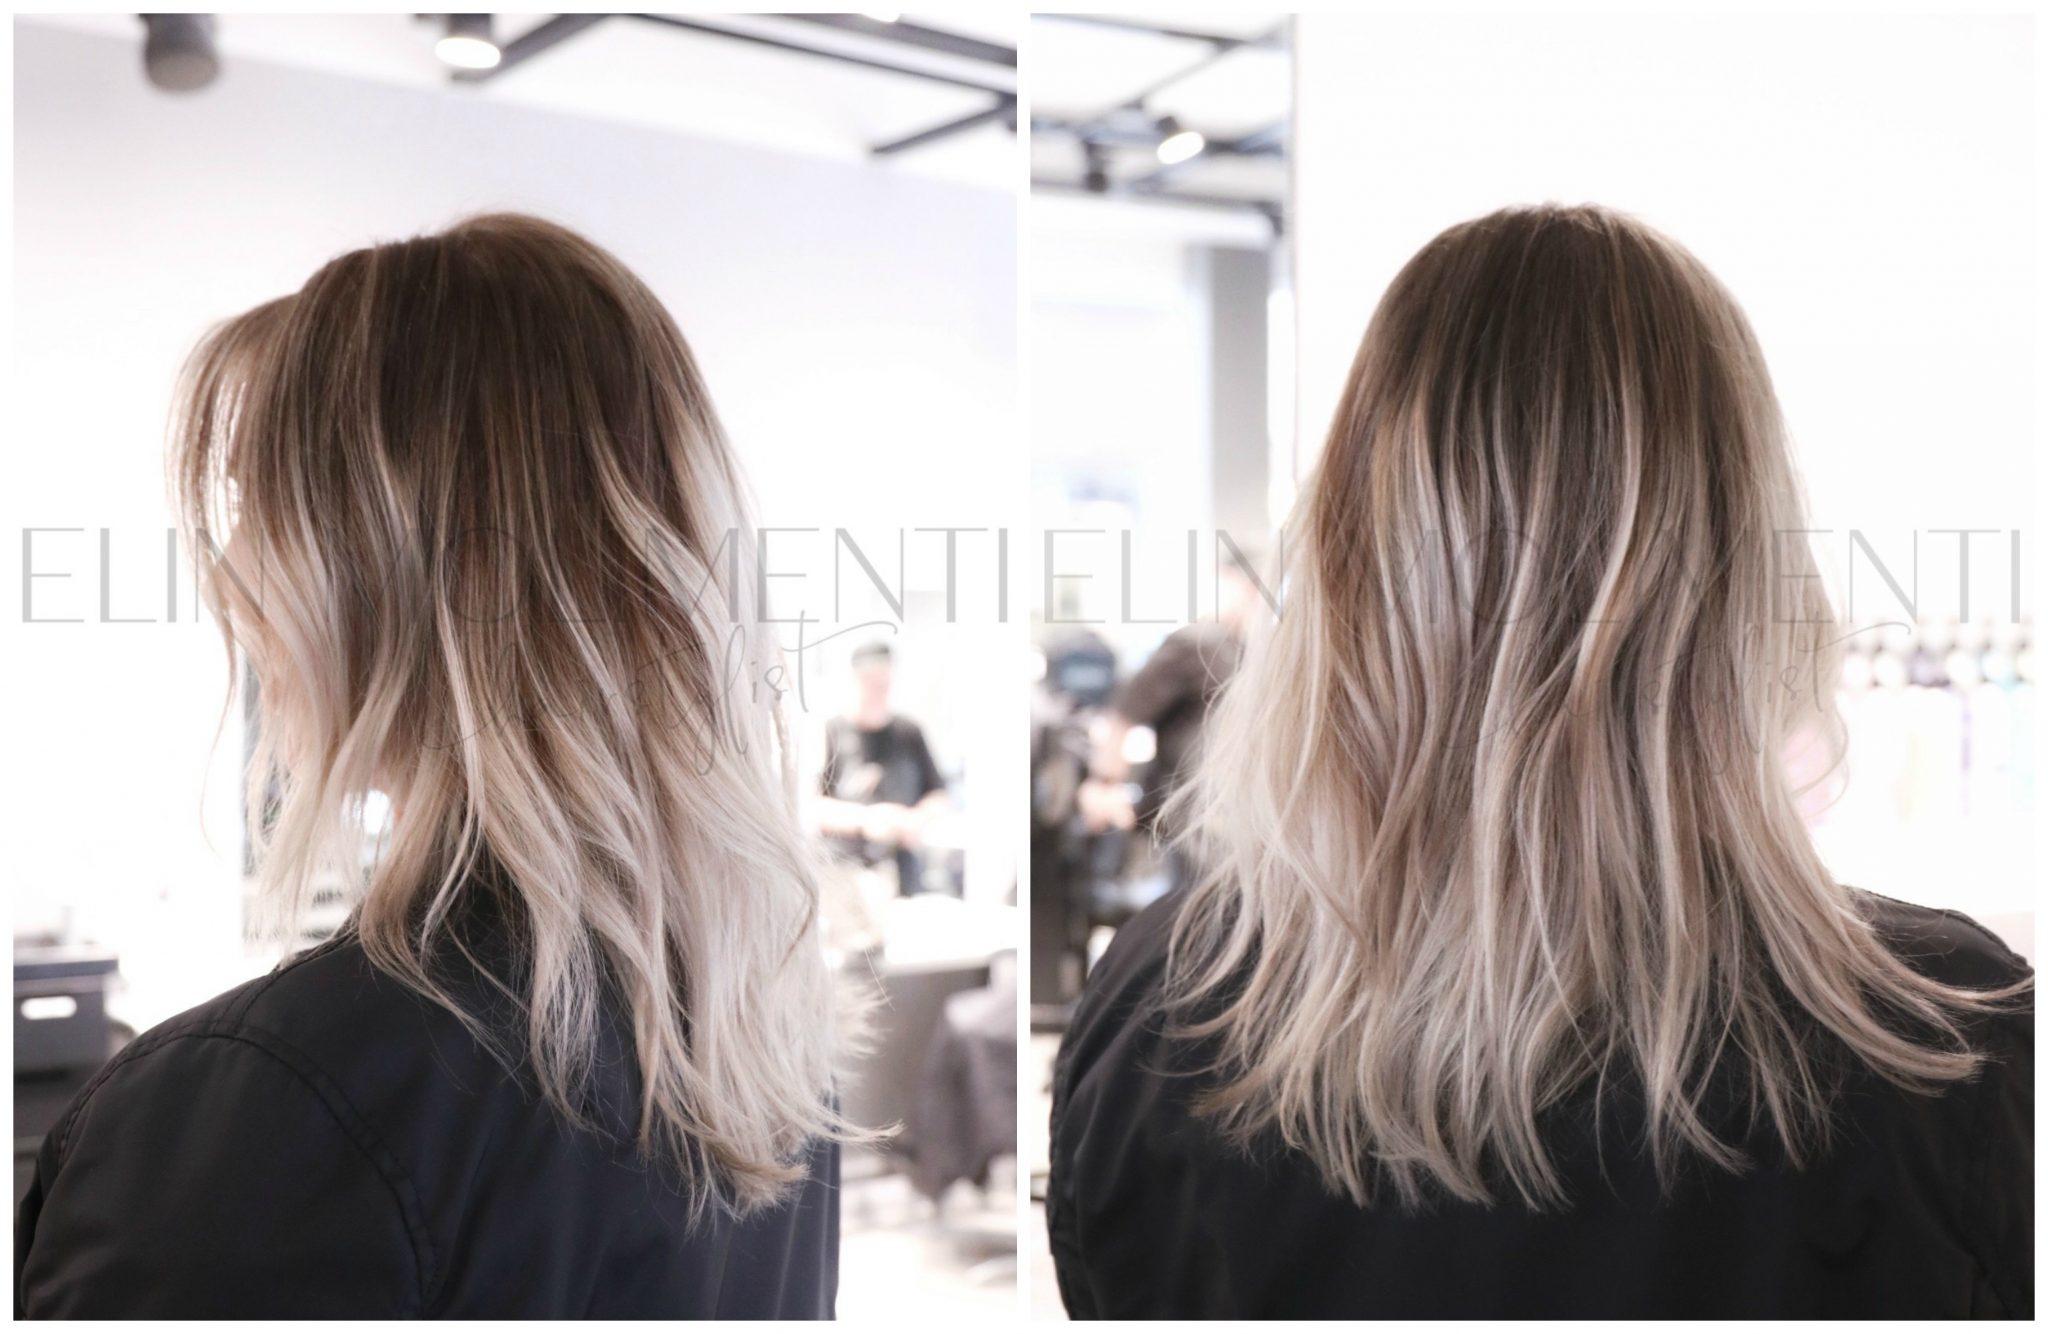 blont hår 2019